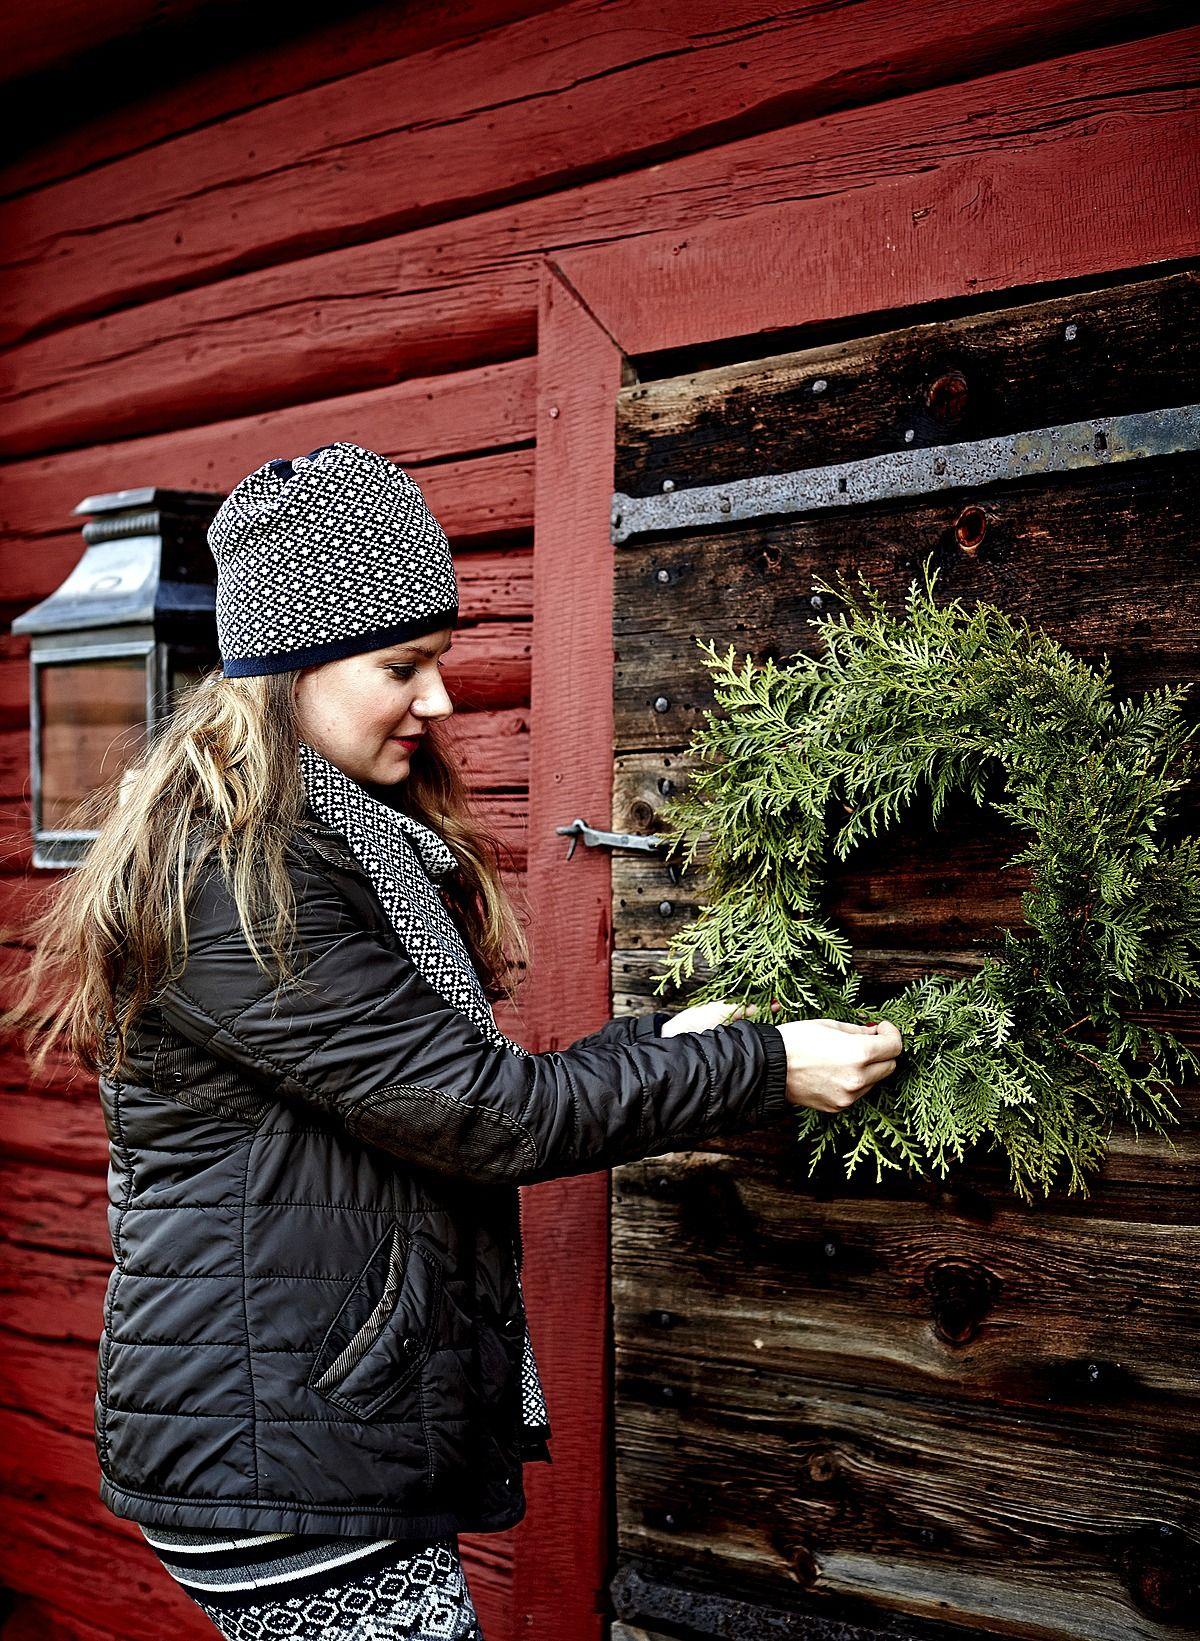 Fransiscan ja Björnin puutalossa sisustetaan joulu ammattilaisen varmoin ottein luonnonmateriaalein. Katso Fansiscan vinkit satumaiseen jouluun.